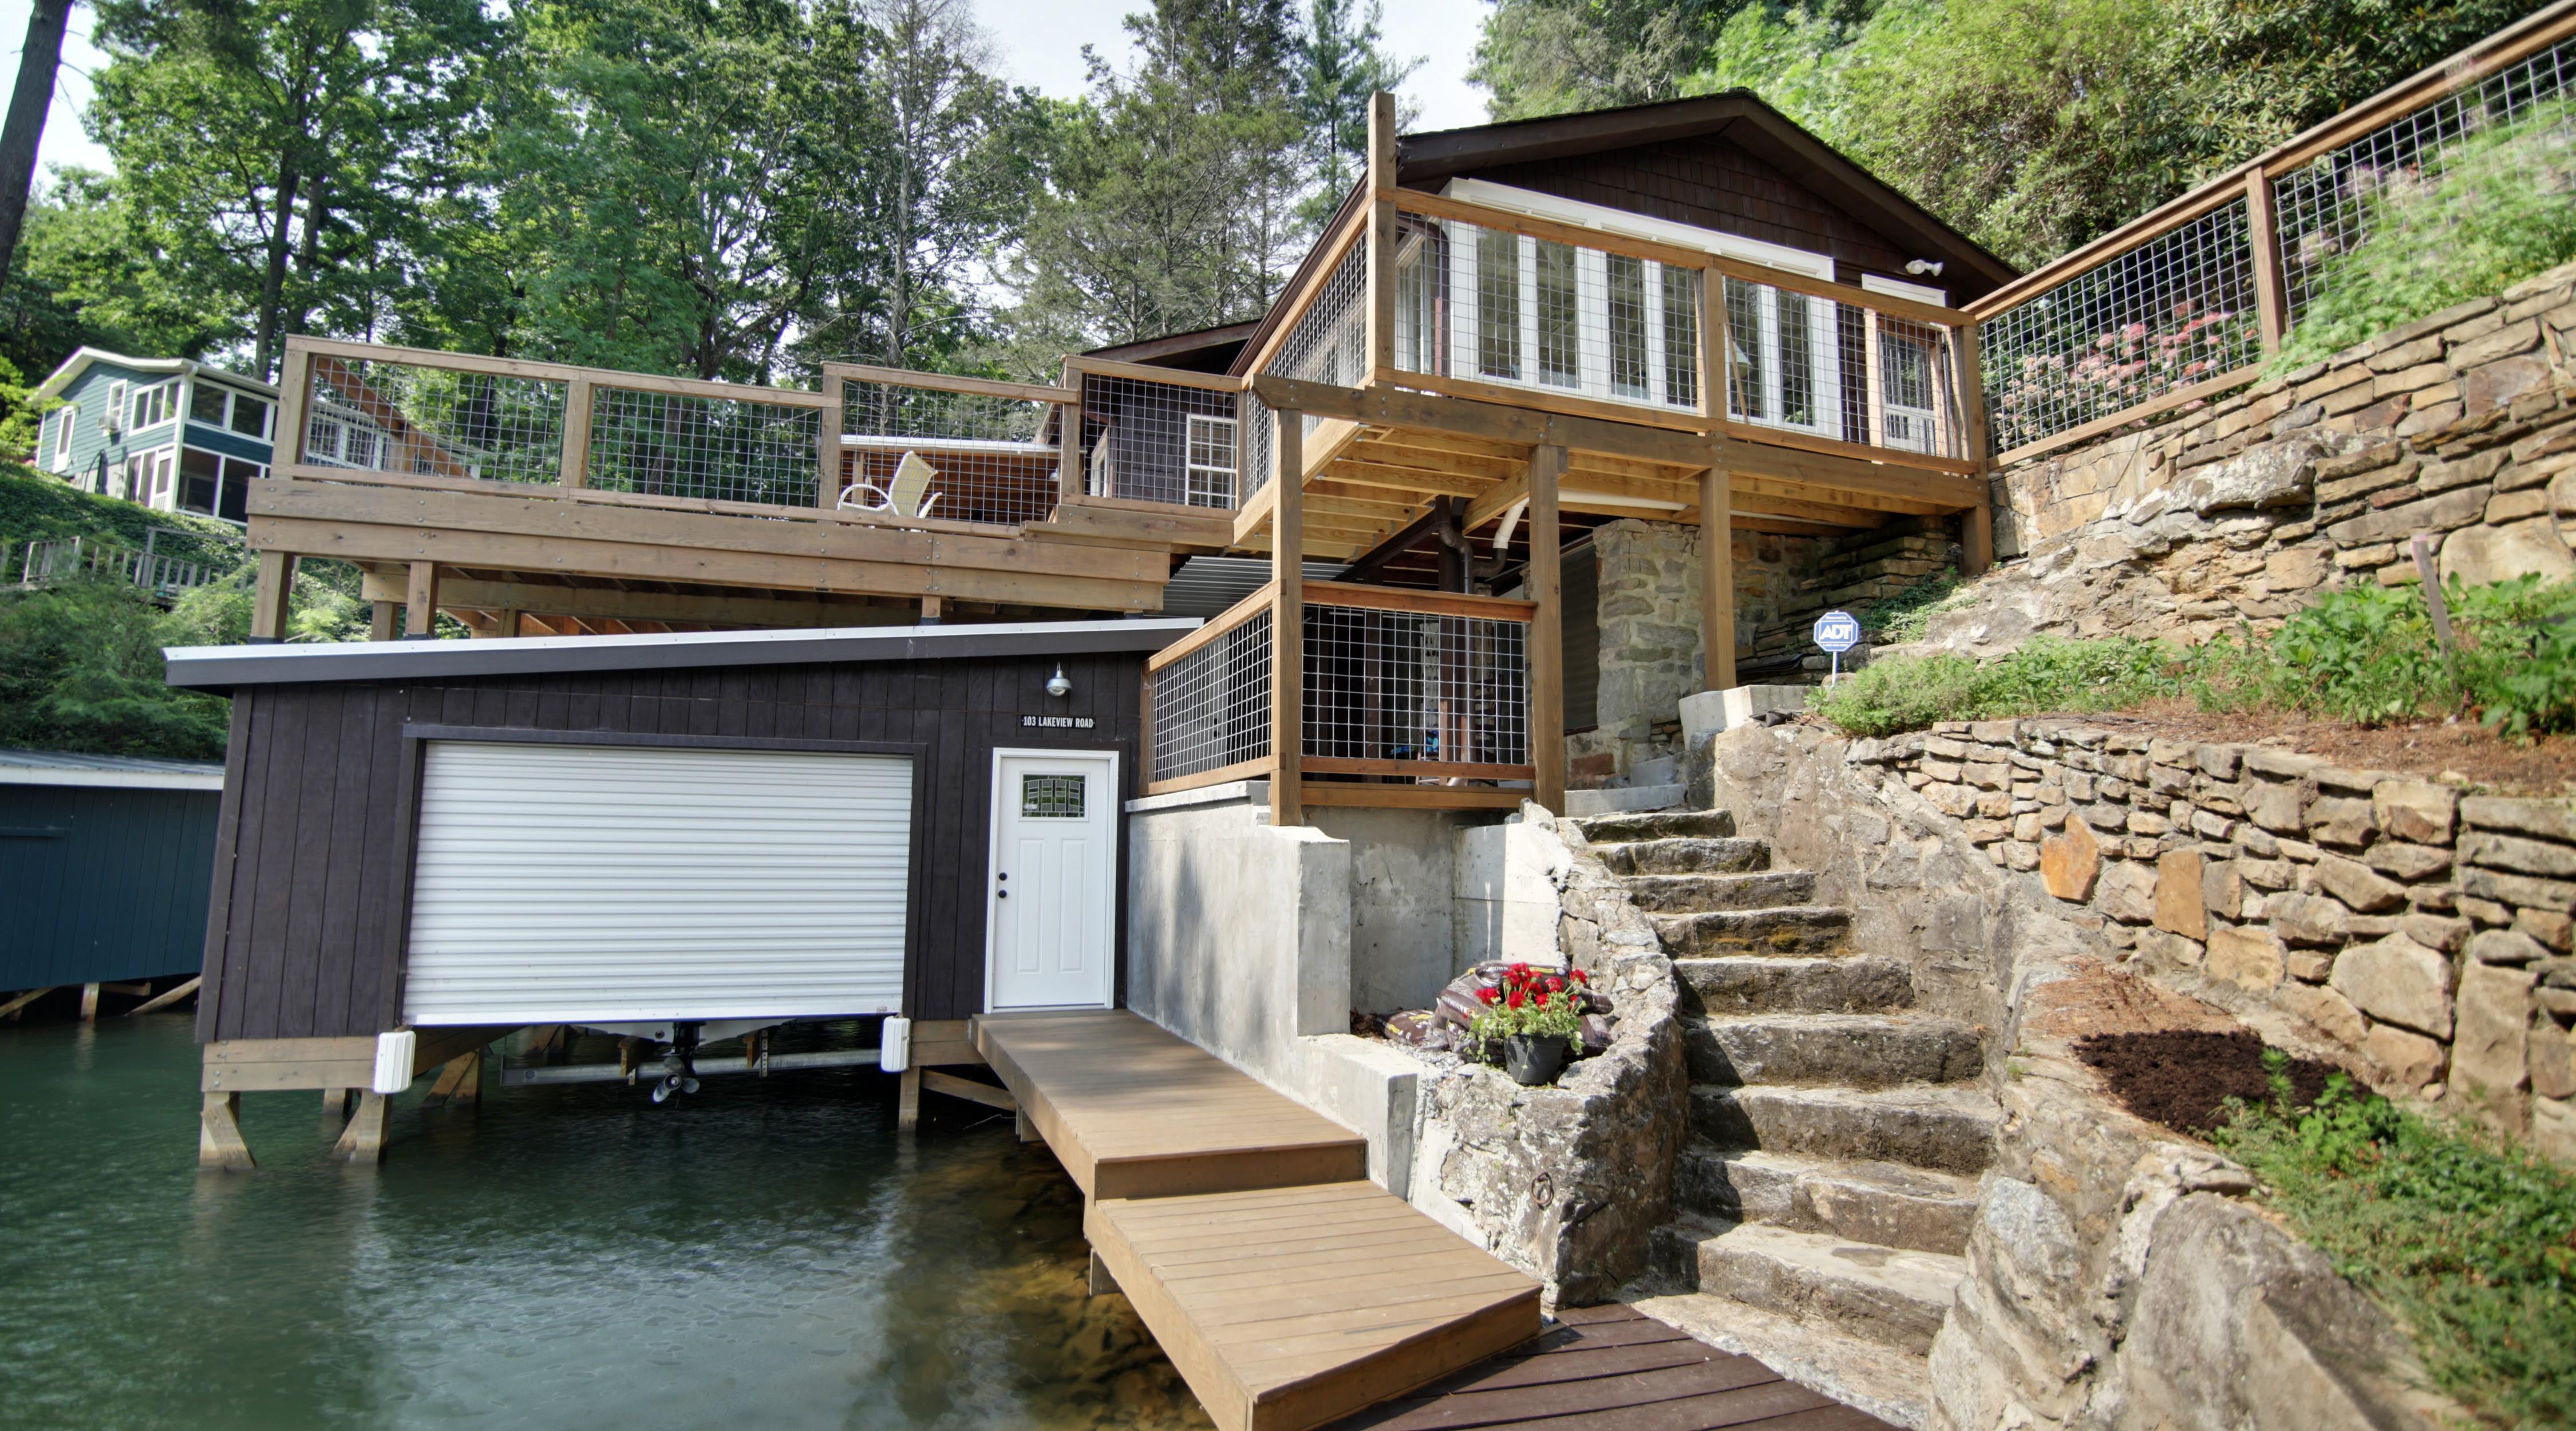 獨棟家庭住宅 為 出售 在 103 Lakeview Road 103 Lakeview Rd Lake Lure, 北卡羅來納州, 28746 美國